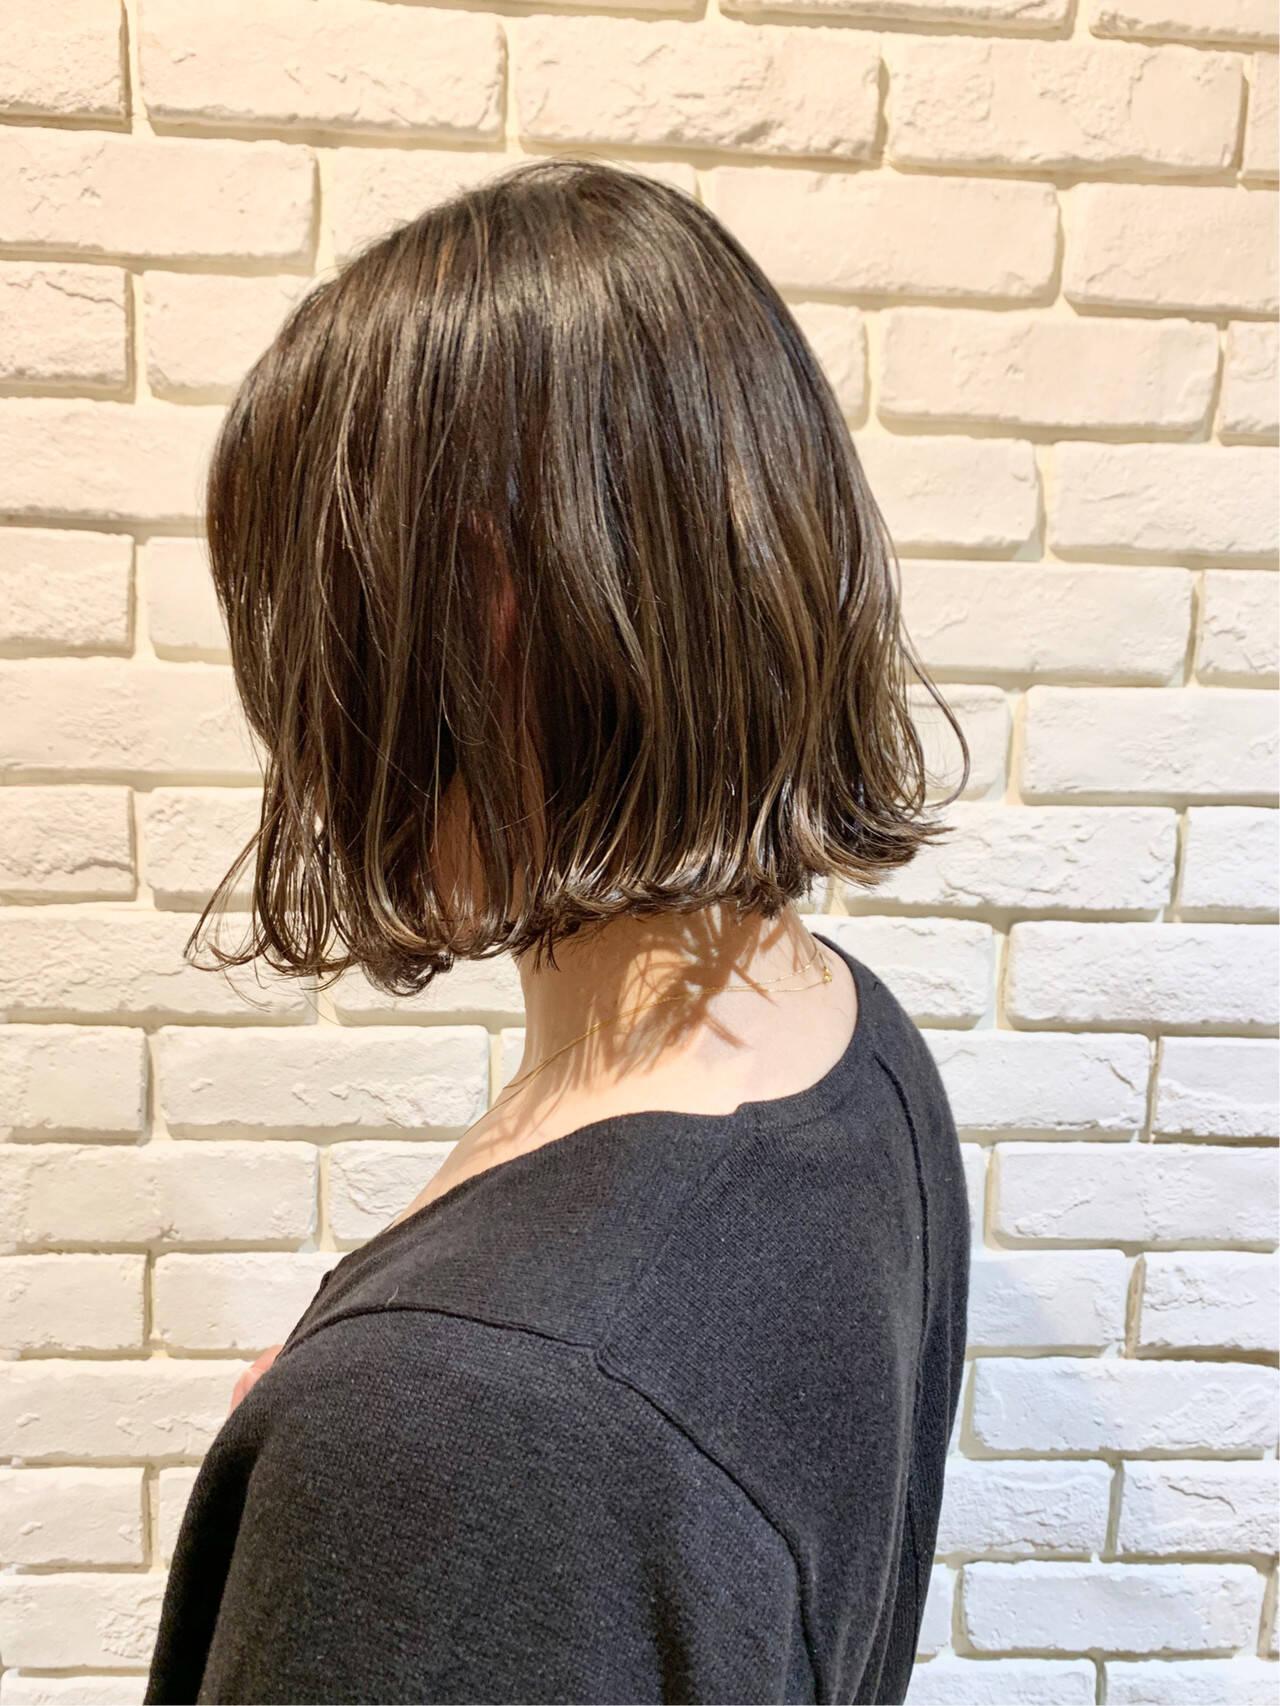 アッシュベージュ ナチュラル ベージュ ミニボブヘアスタイルや髪型の写真・画像